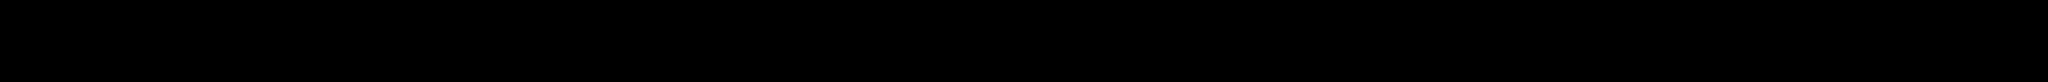 BLIC 6L185708D 01C, 6L1857508N01C, 6L1 857 508 T 9B9 външно огледало